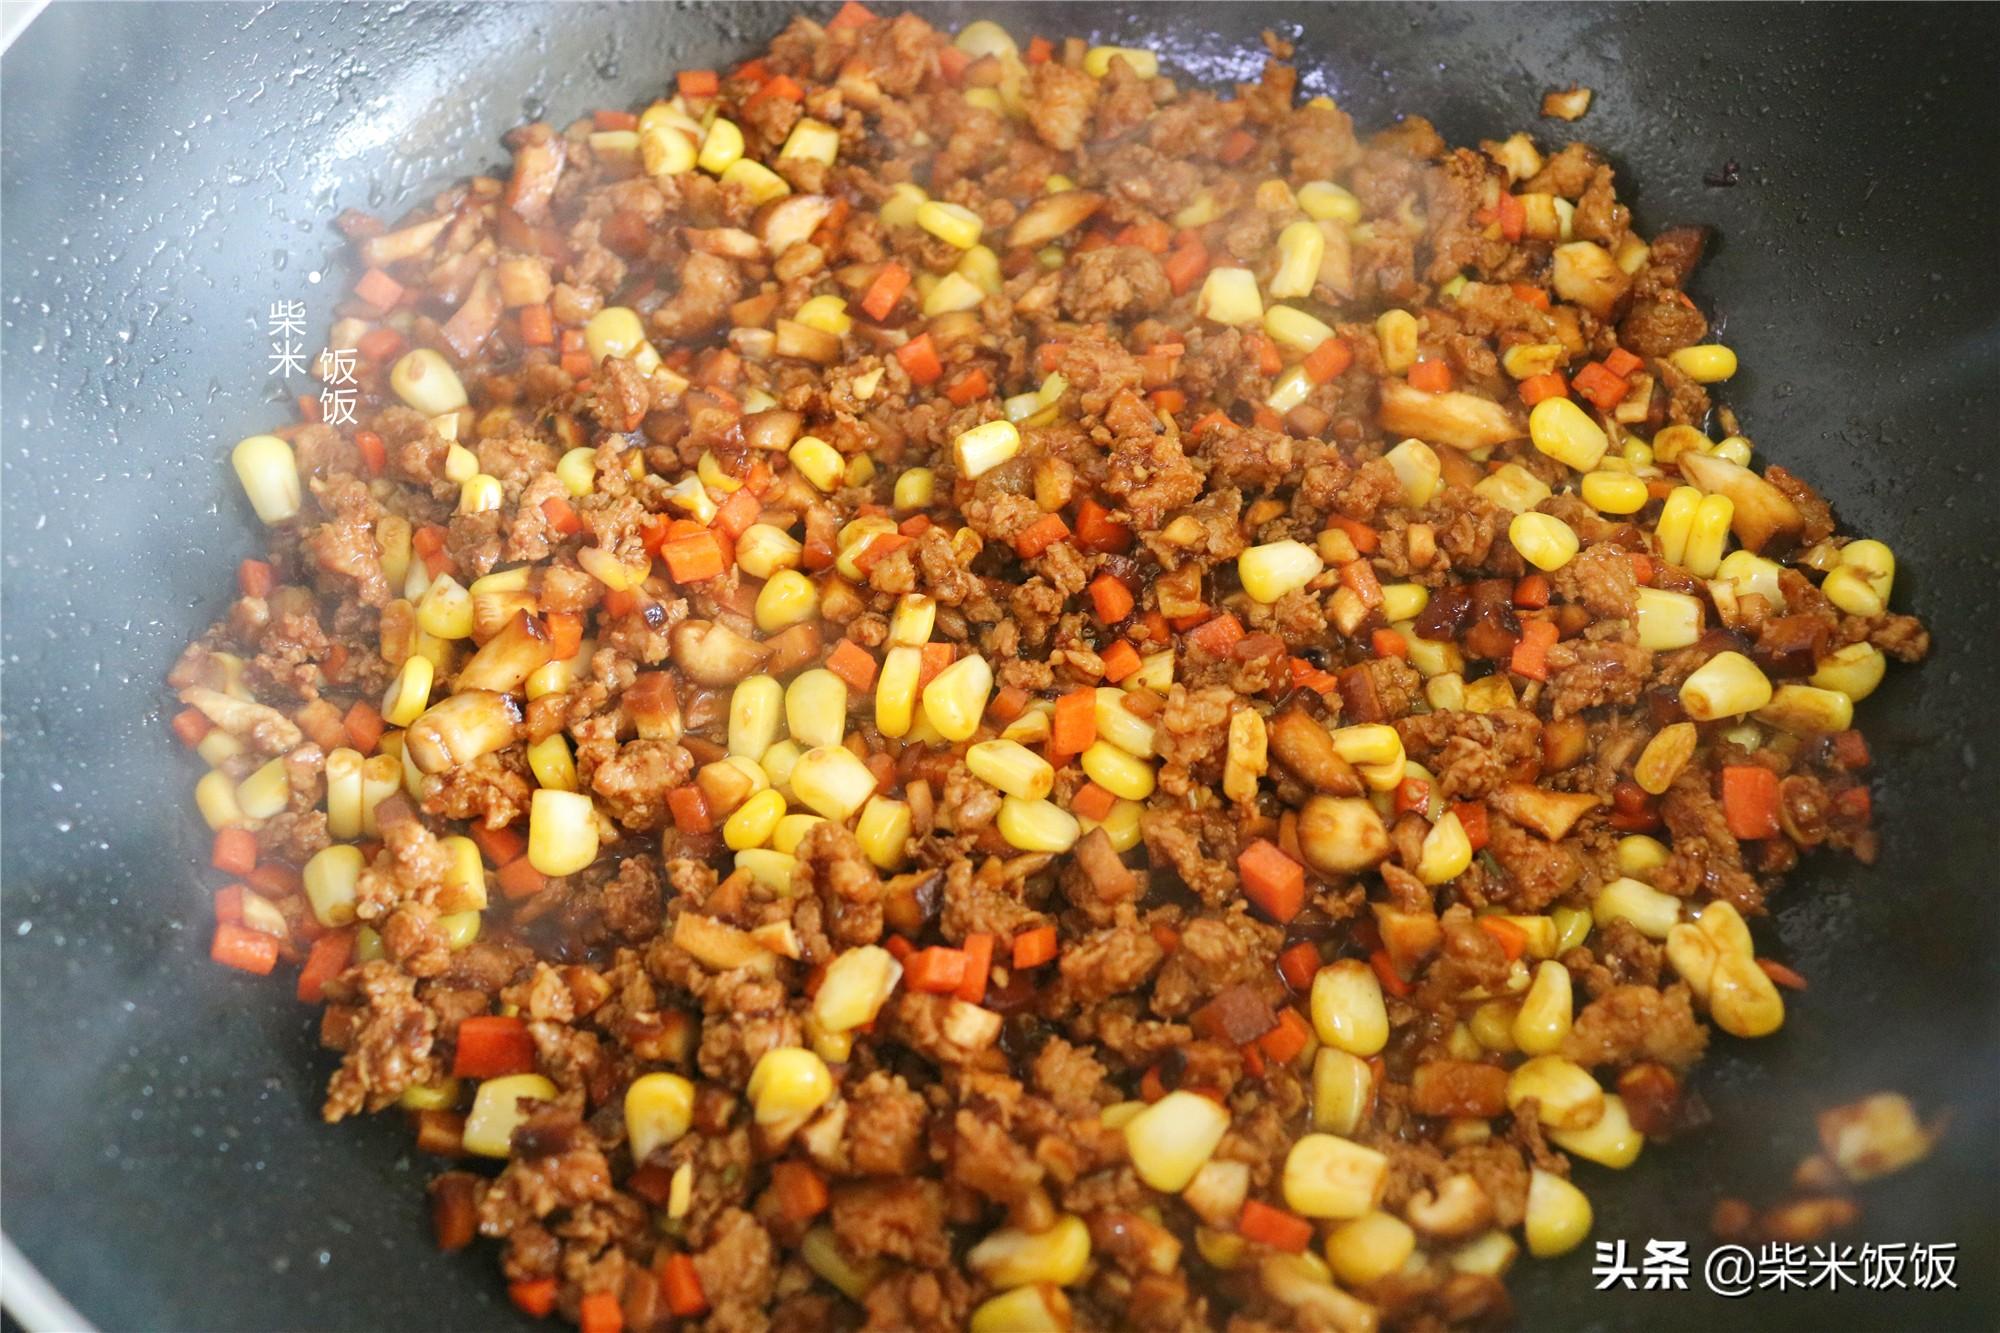 孩子点名要吃的烧麦,做法比饺子简单,一锅蒸33个,凉了也好吃 美食做法 第9张